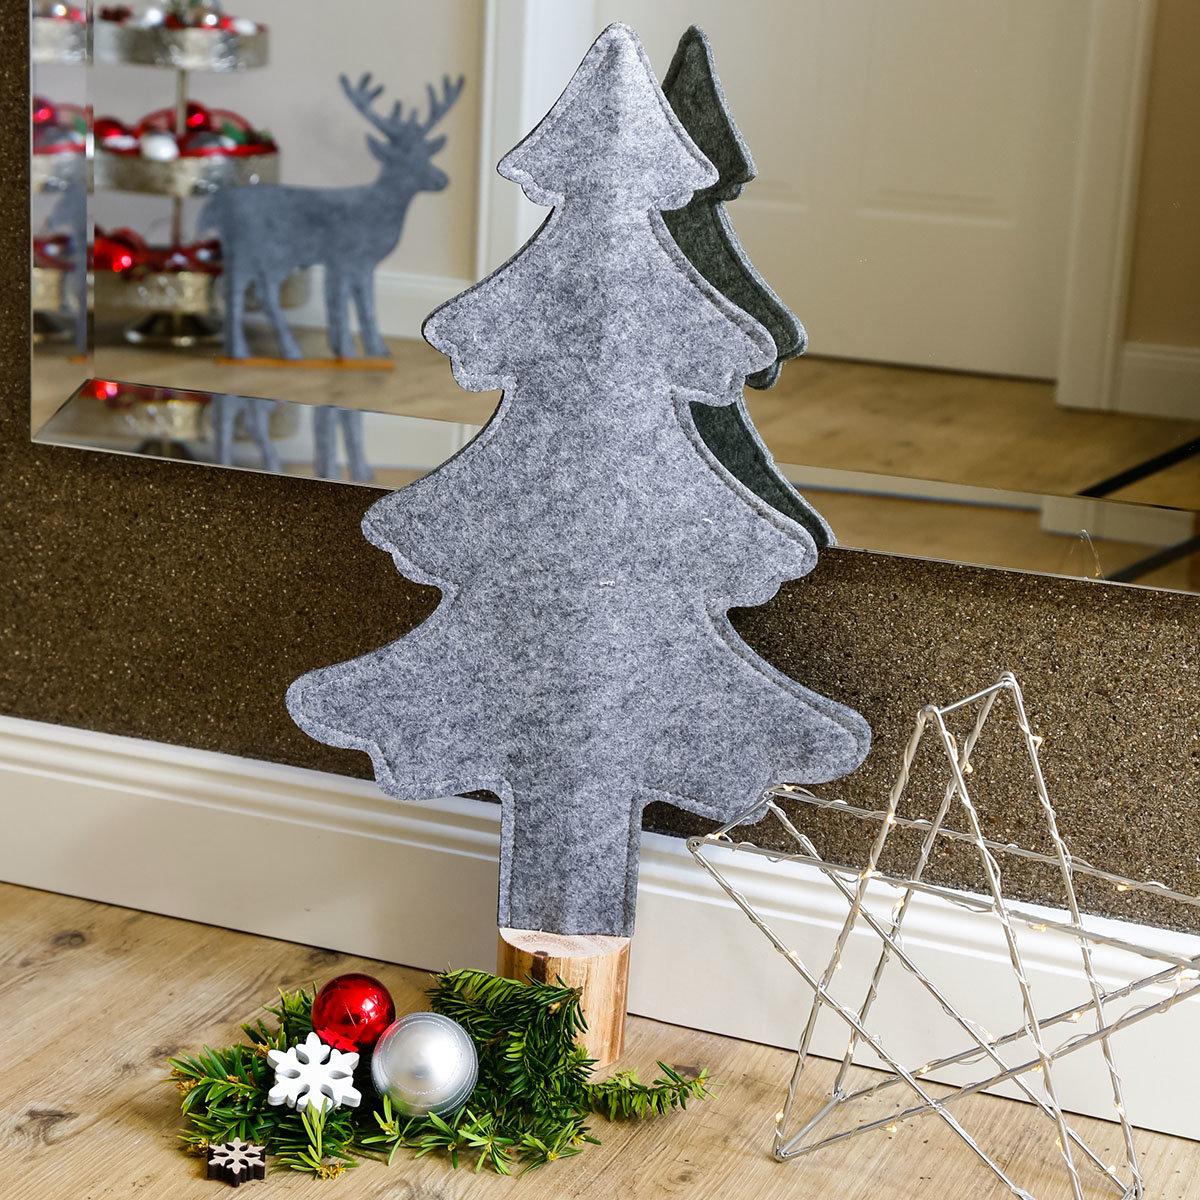 Filz-Weihnachtsbaum Winter Time, groß